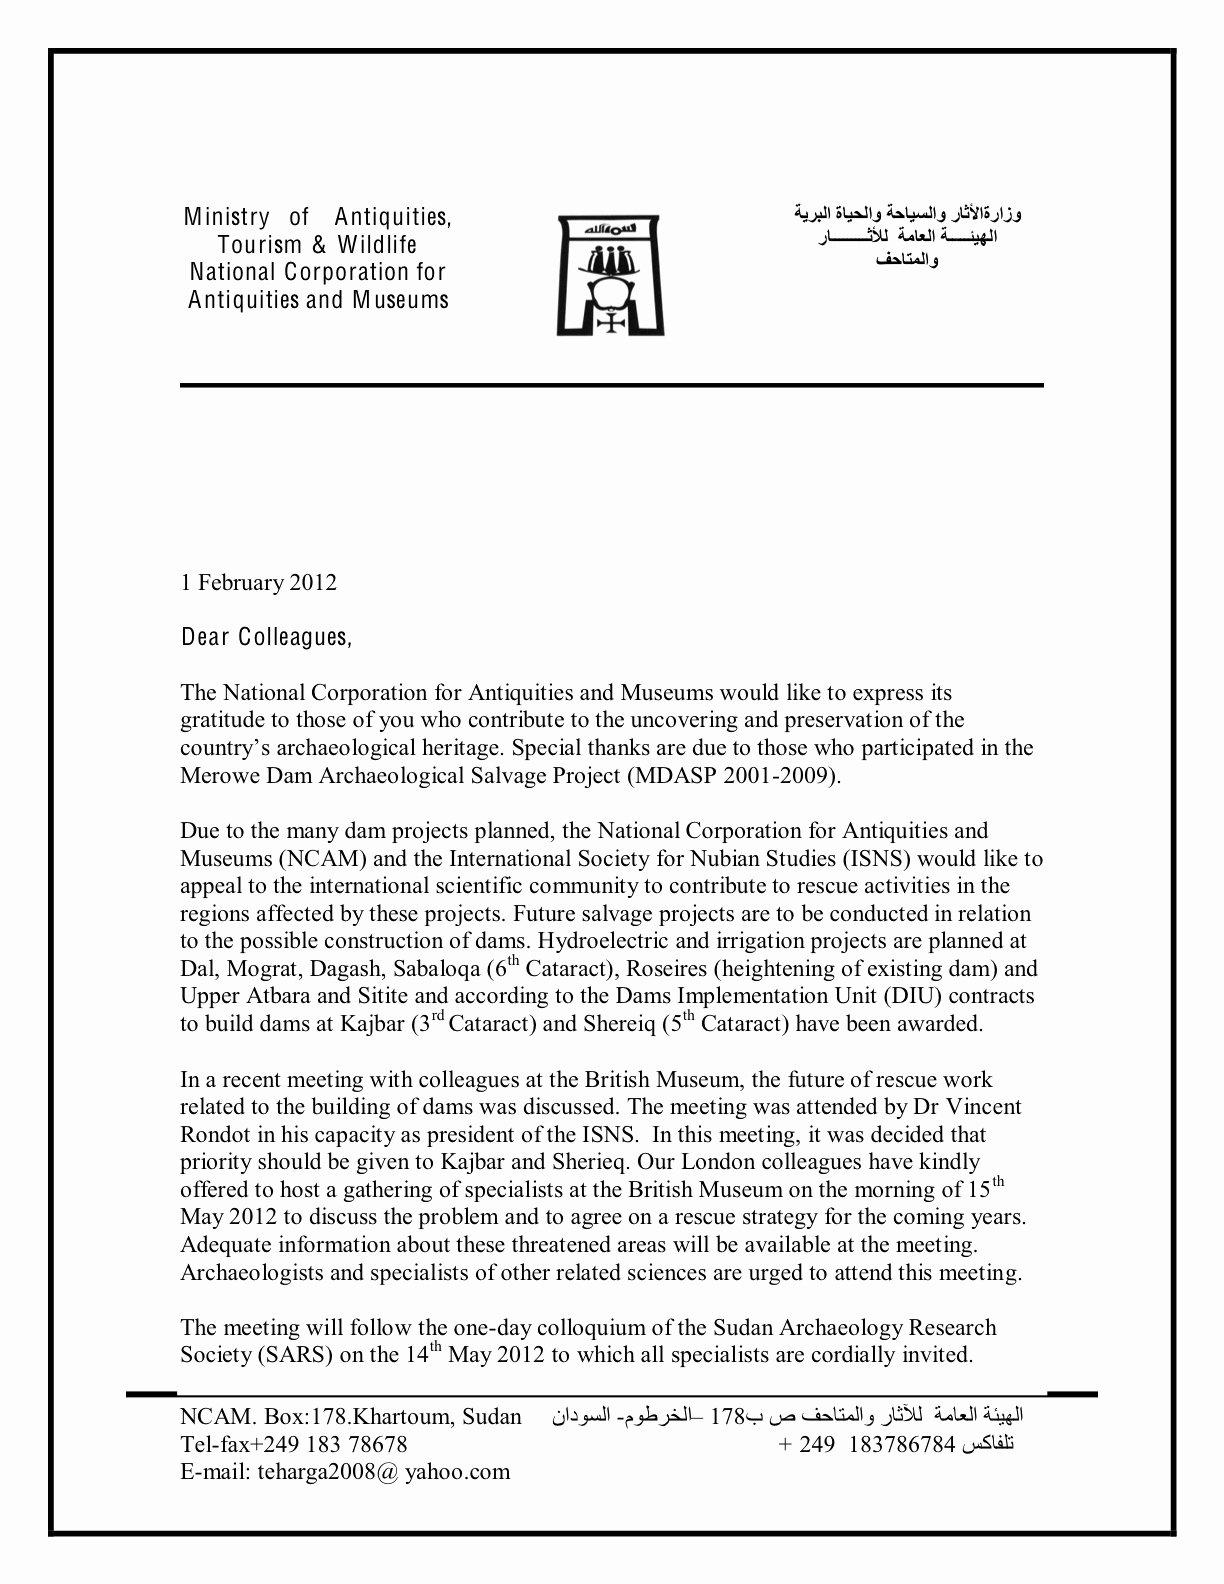 Court Appeal Letter Sample Fresh Egyptology News Sudan Dams Appeal